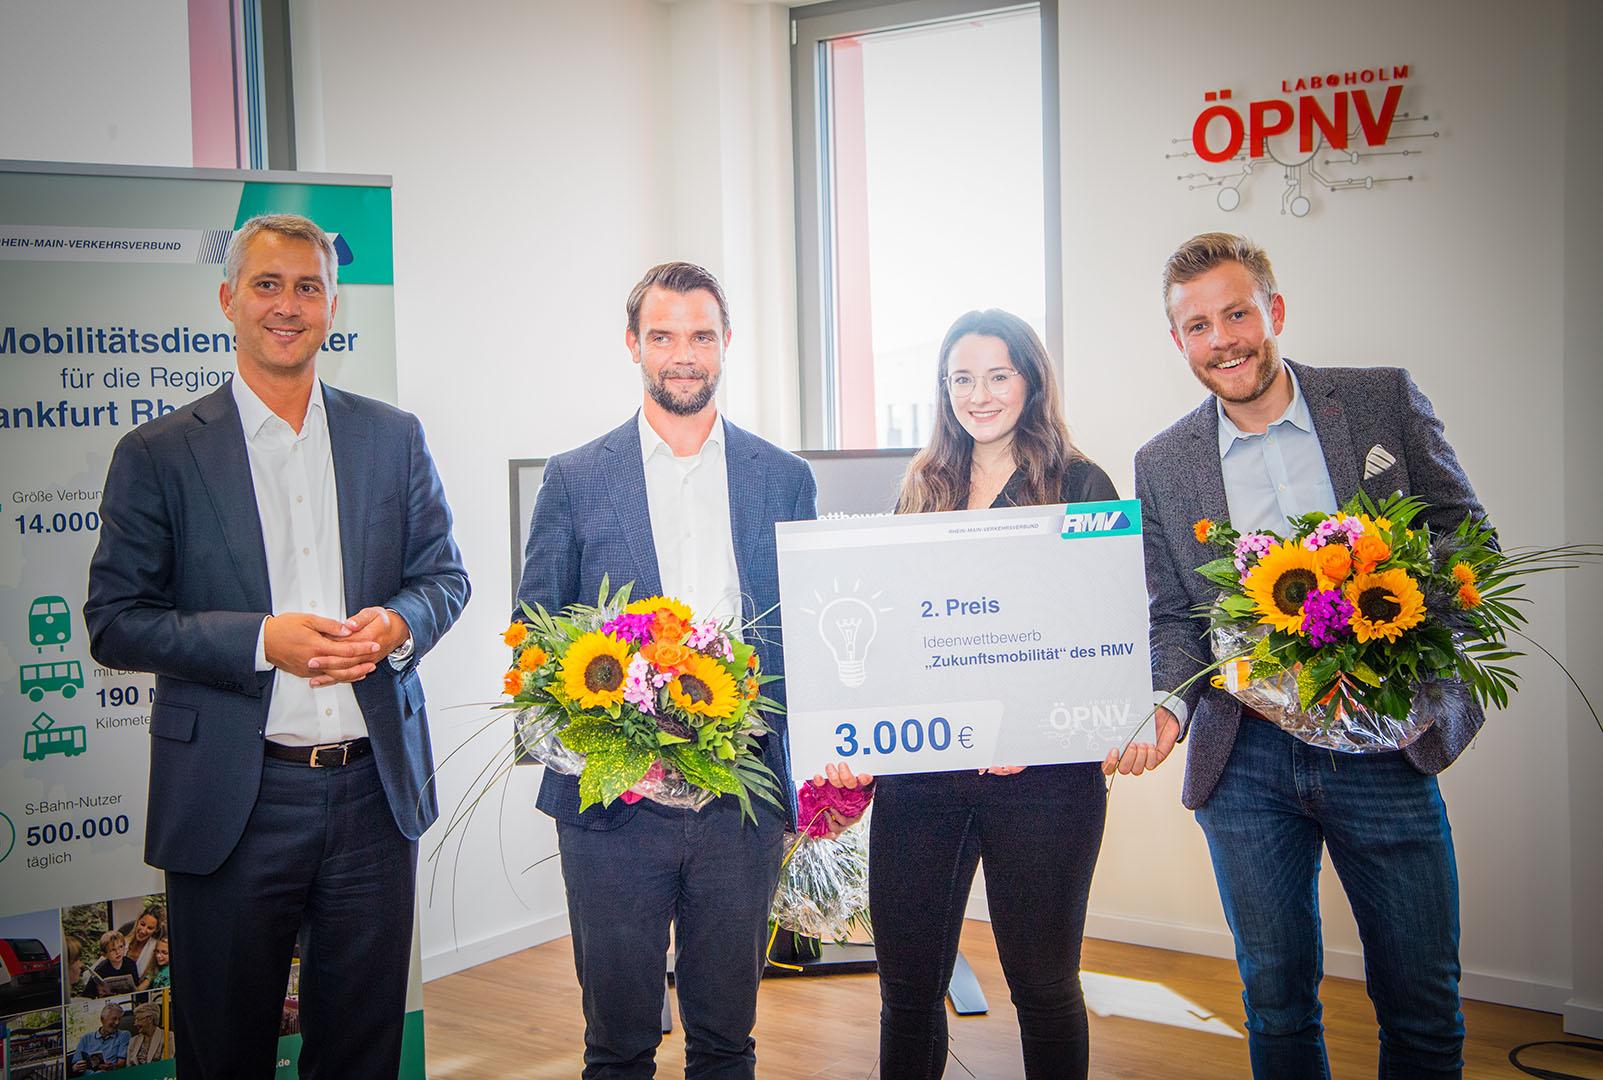 Team Reachlix beim Ideenwettbewerb Zukunftsmobilität